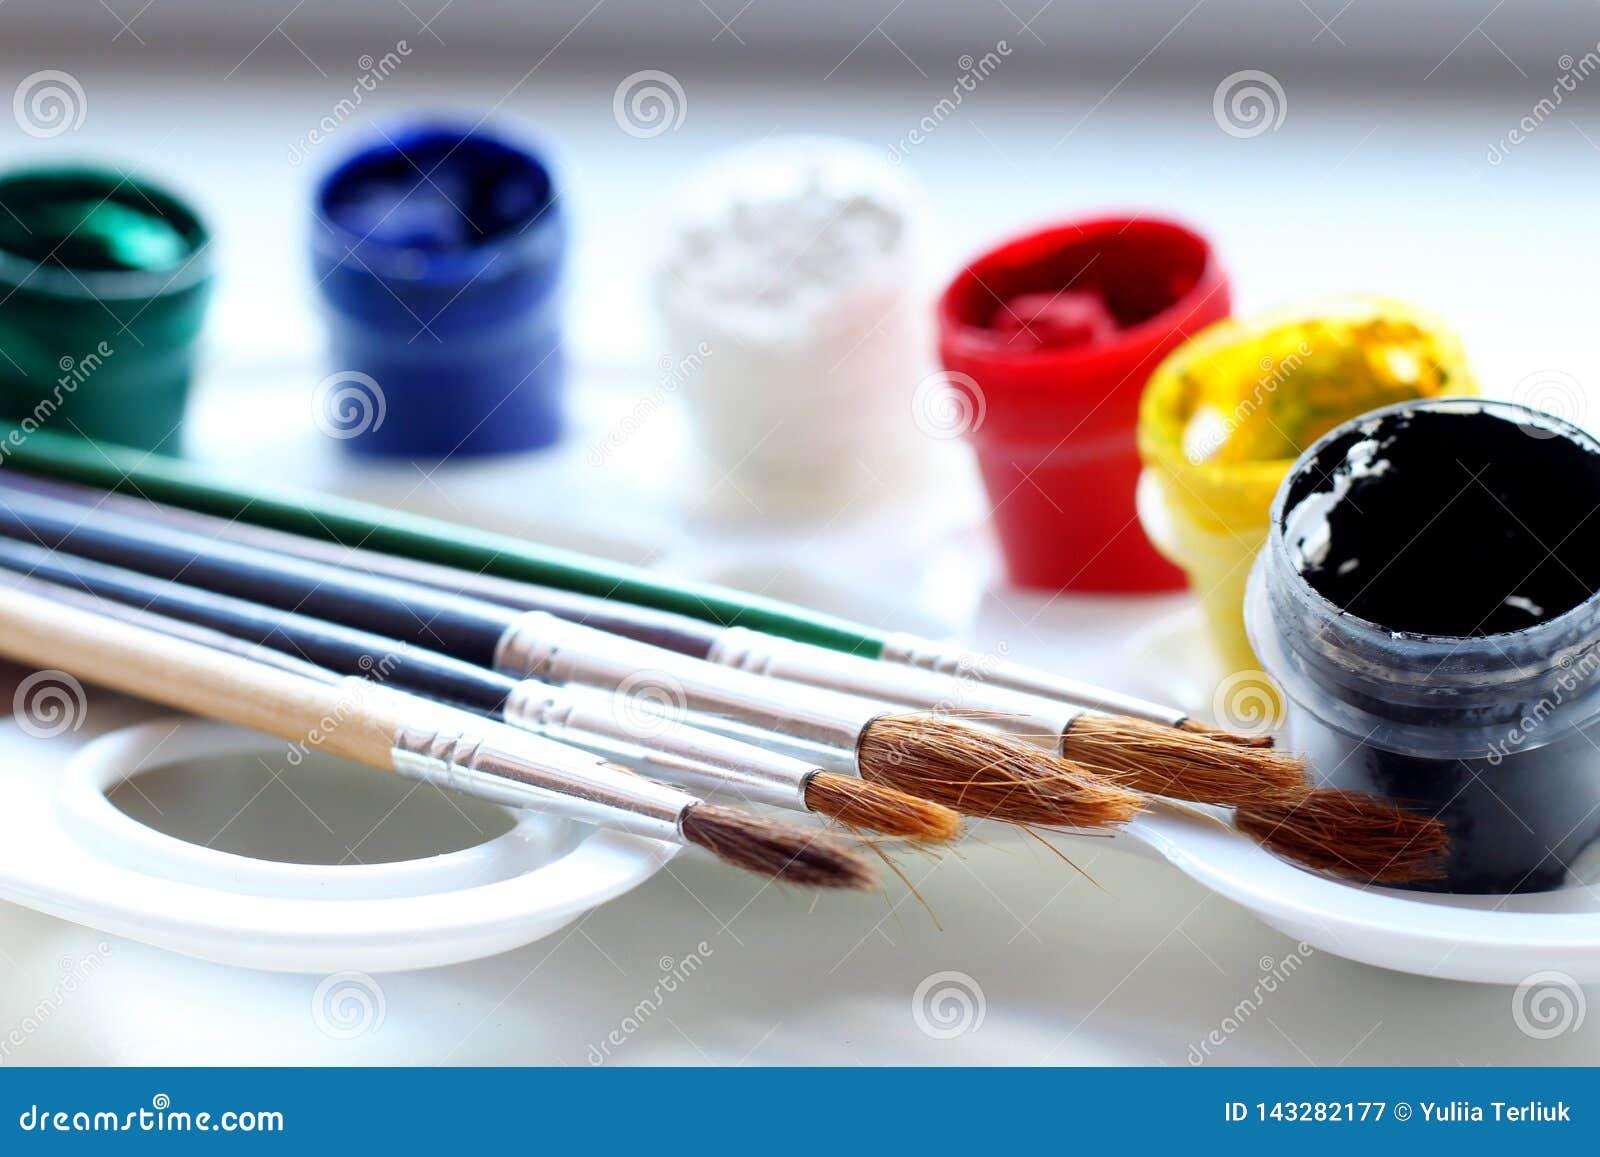 Peintures colorées avec des brosses sur une palette blanche